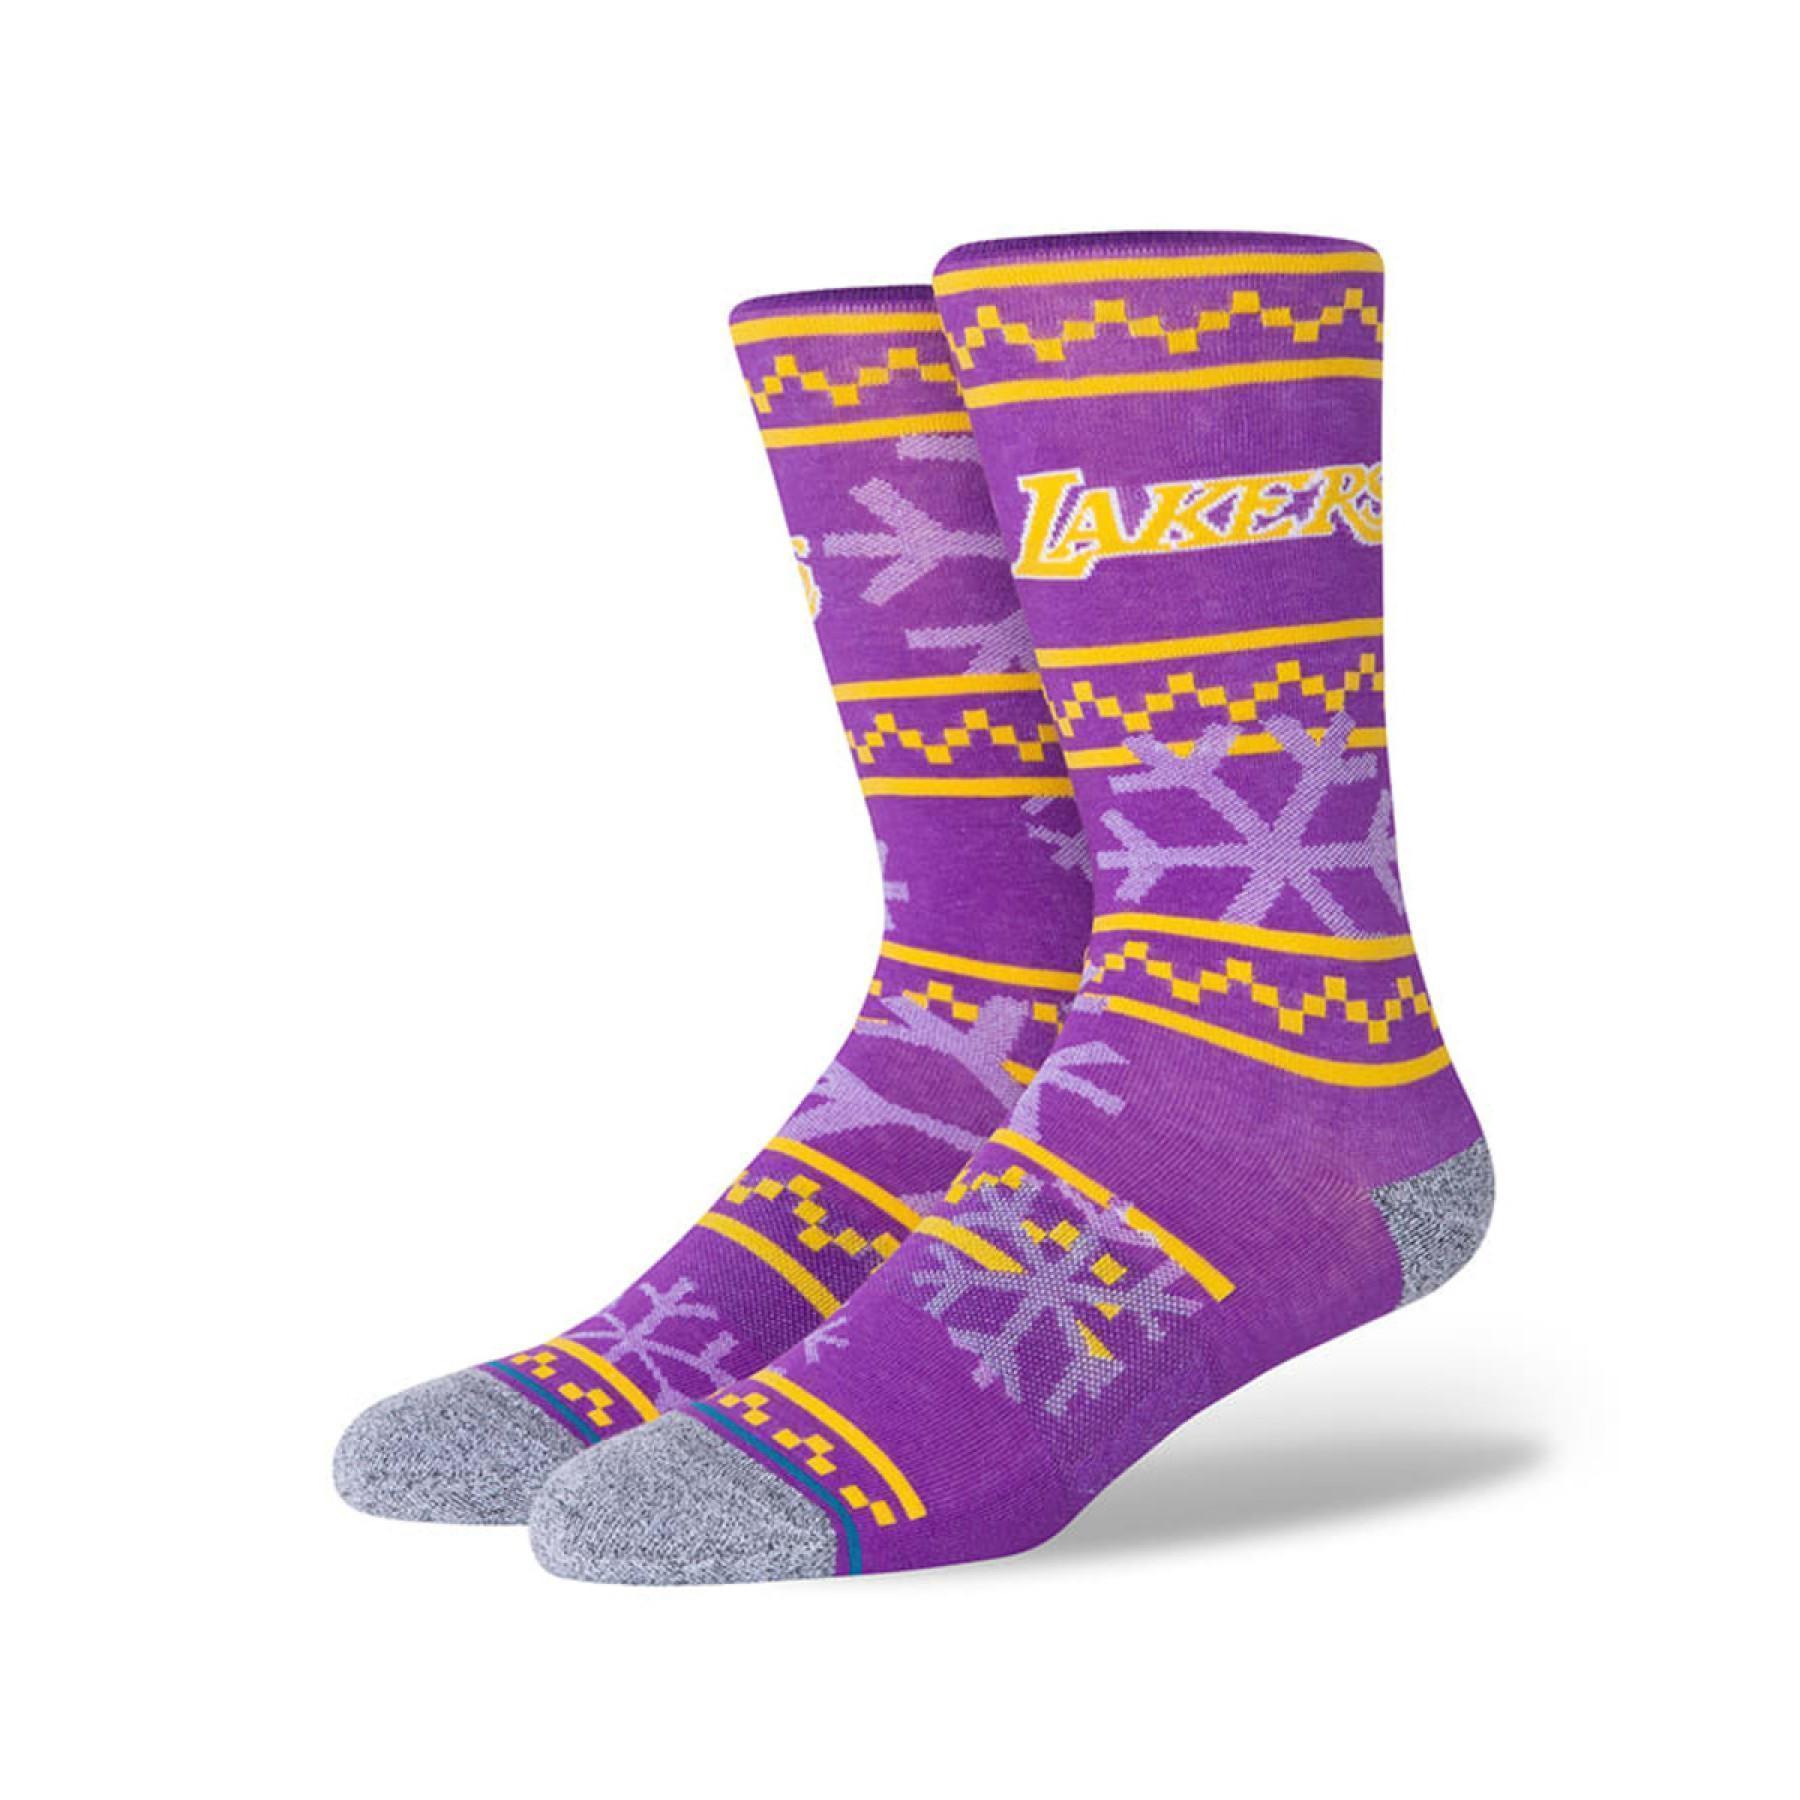 Socks Los Angeles Lakers